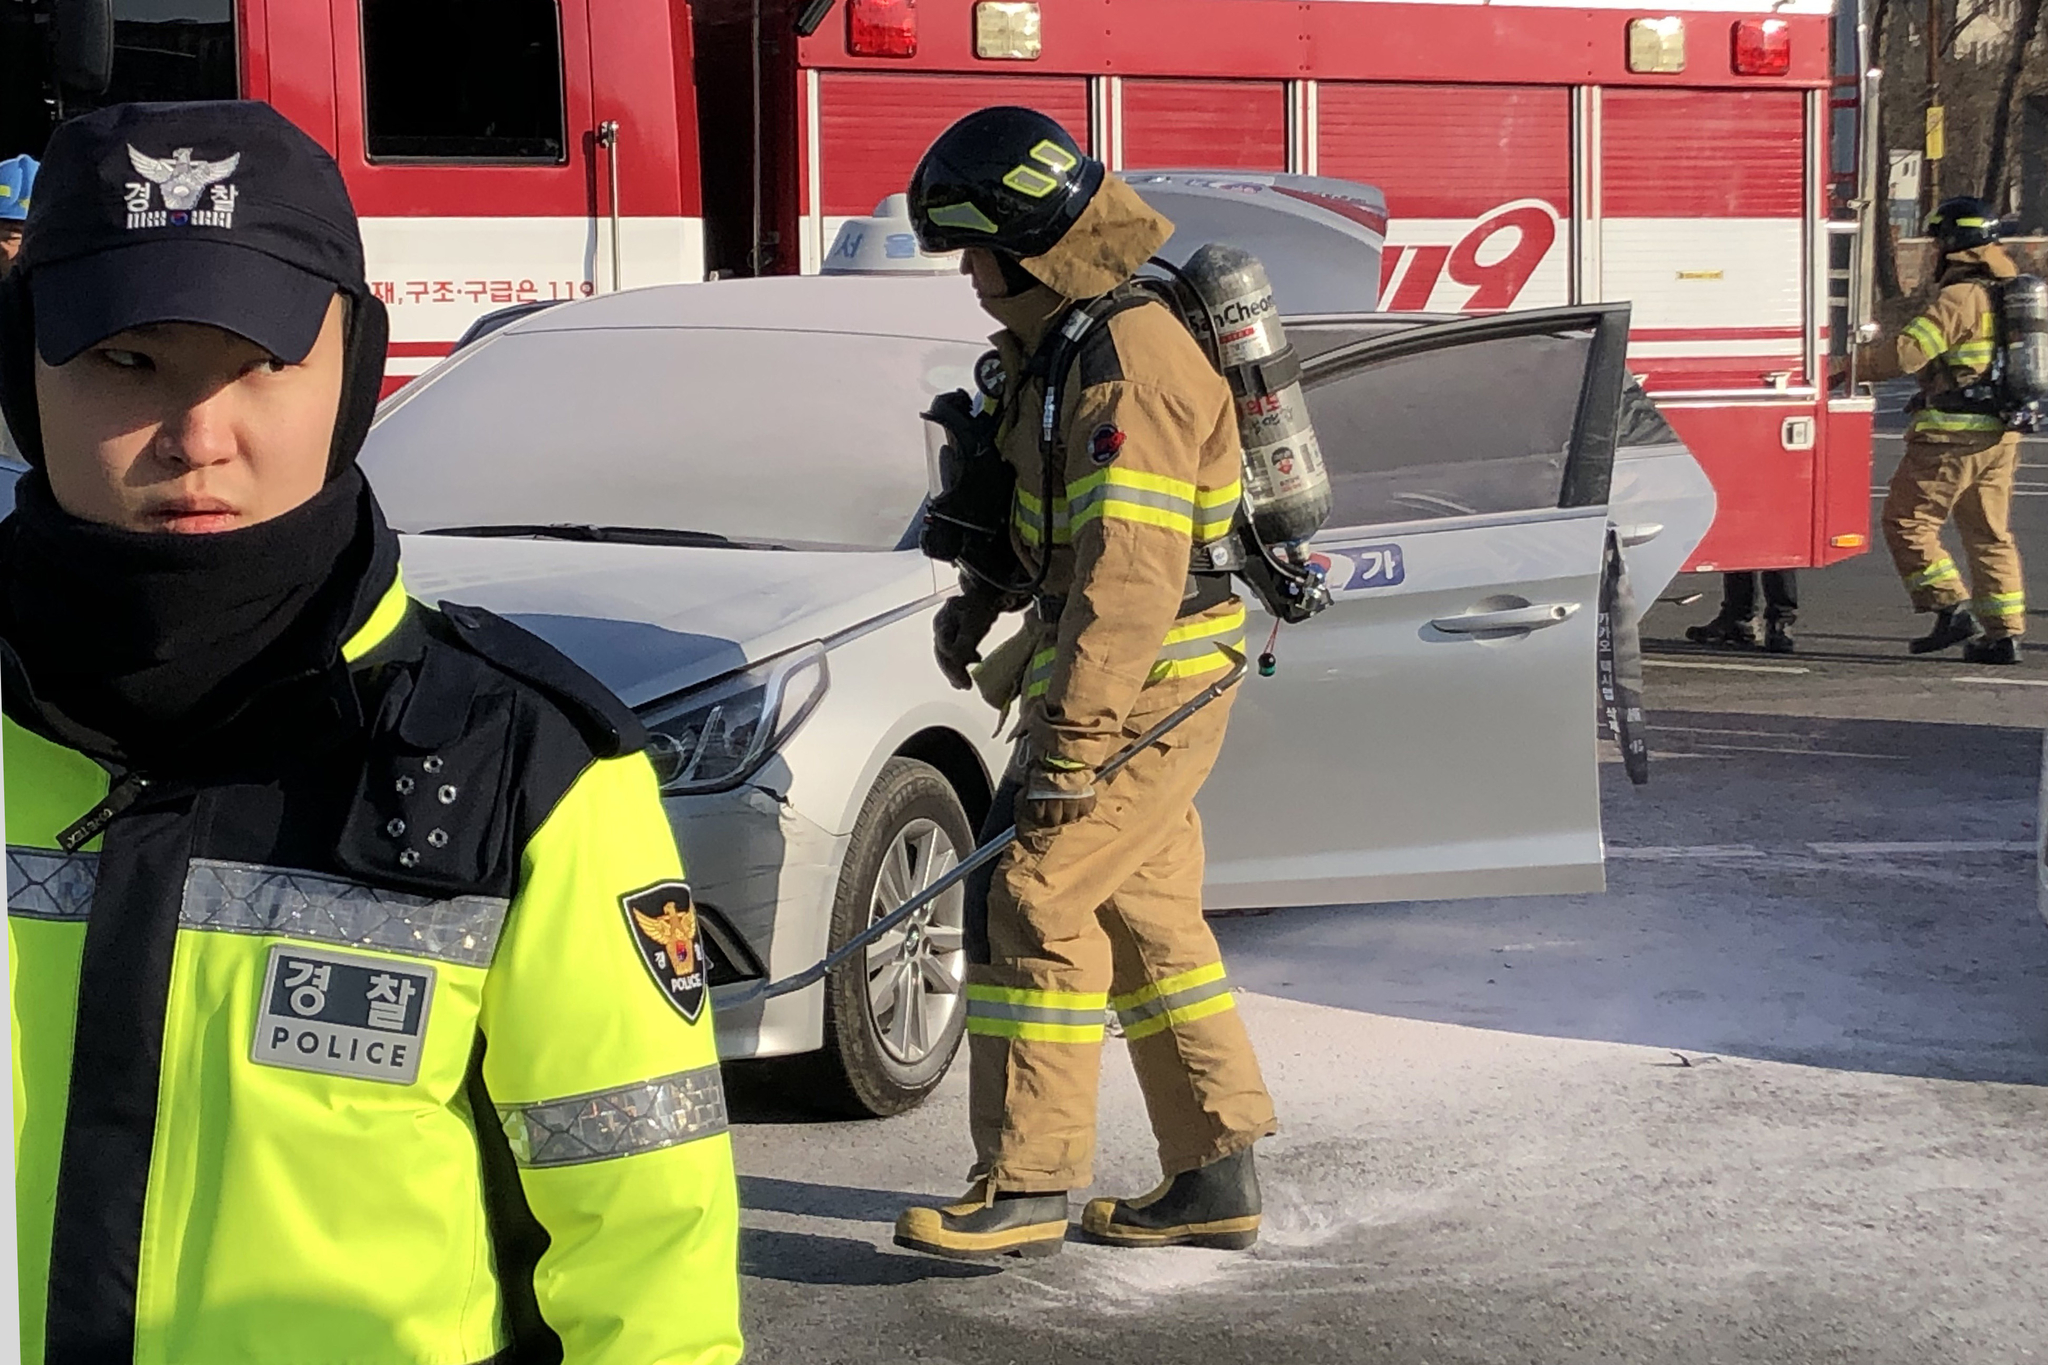 11일 오후 서울 여의도 국회 앞 도로에서 한 택시기사가 분신을 시도했다. [연합뉴스]